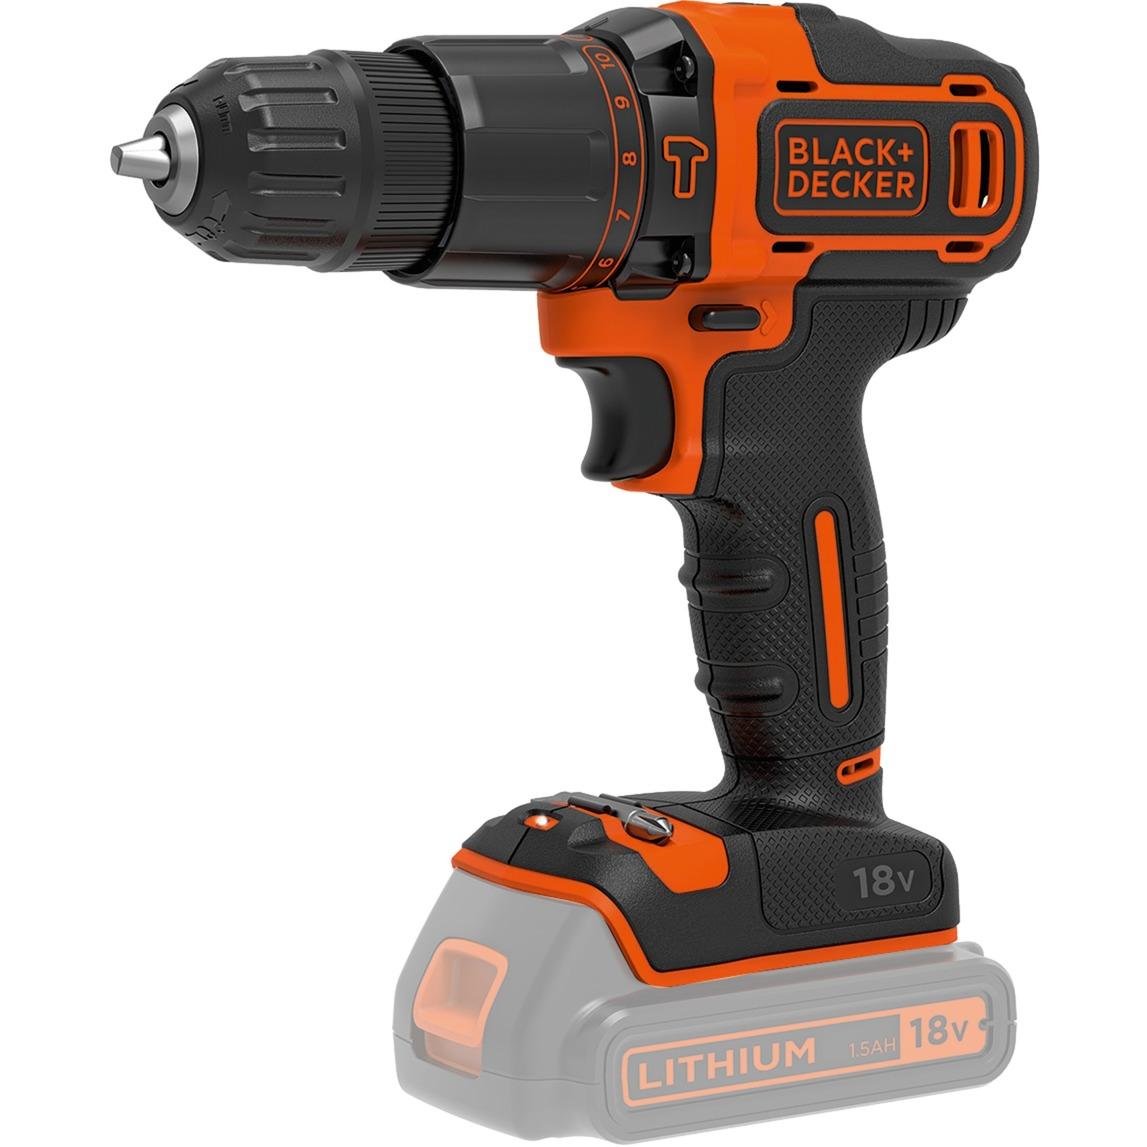 BDCH188N Taladro de pistola Negro, Naranja 1350 RPM Ión de litio, Martillo atornillador